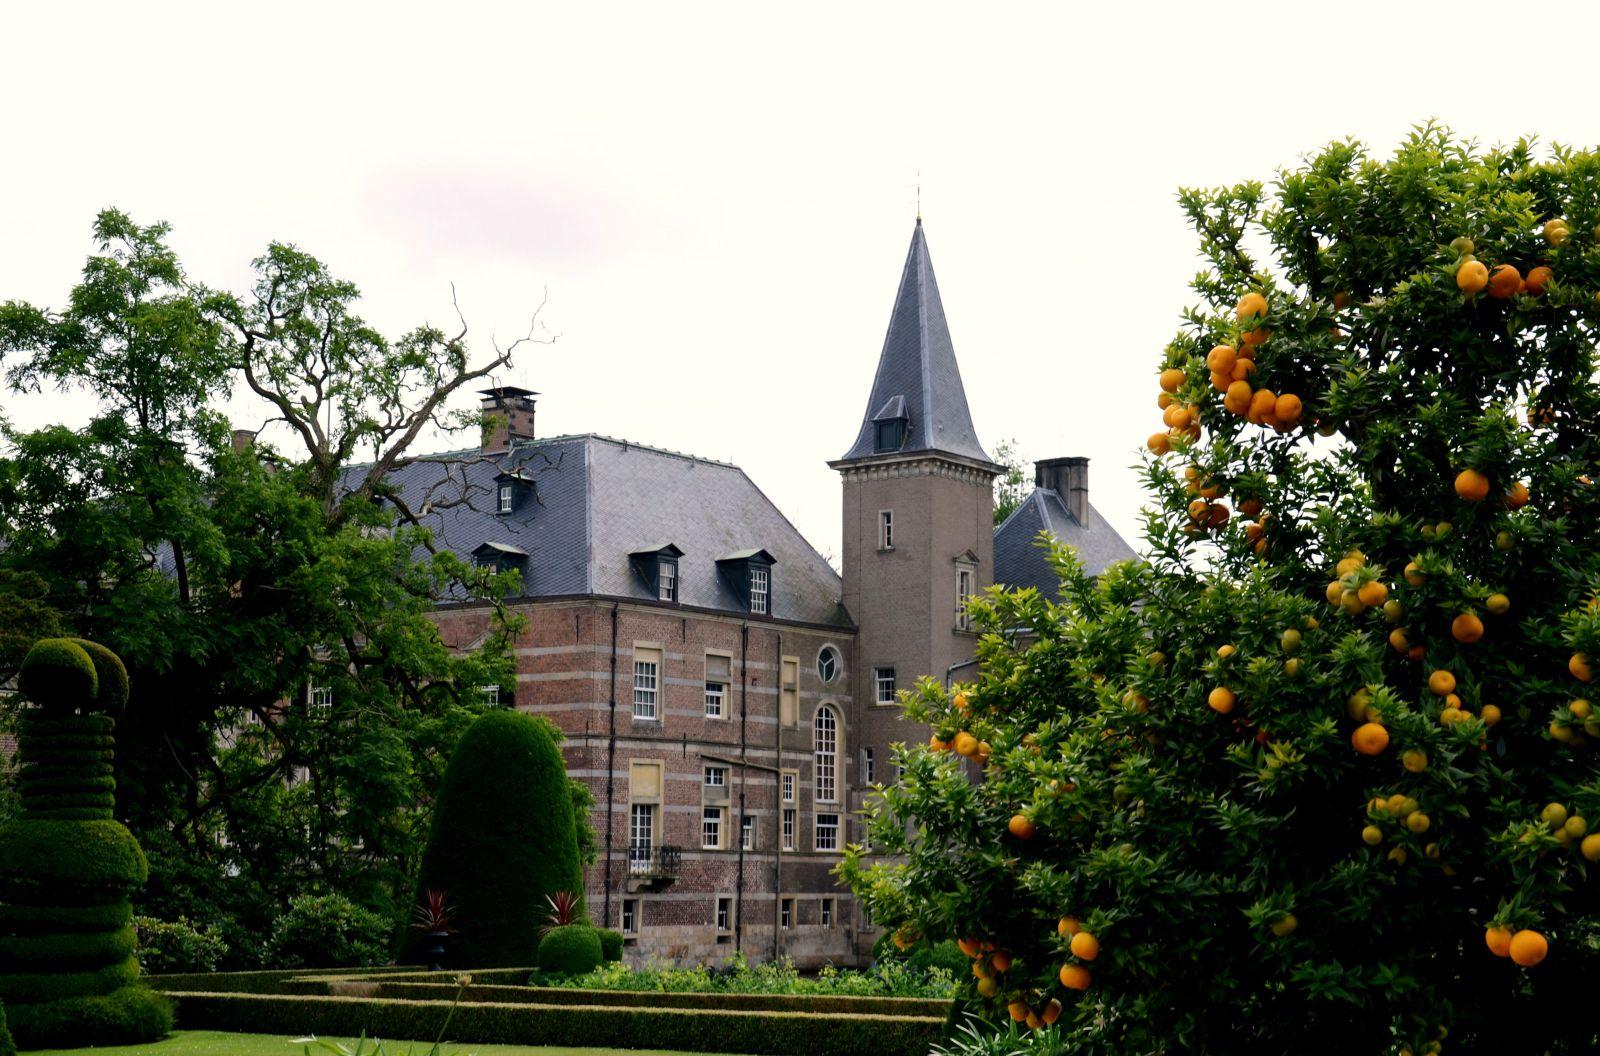 Zomer foto van de week - zomers plaatje bij kasteel Twickel